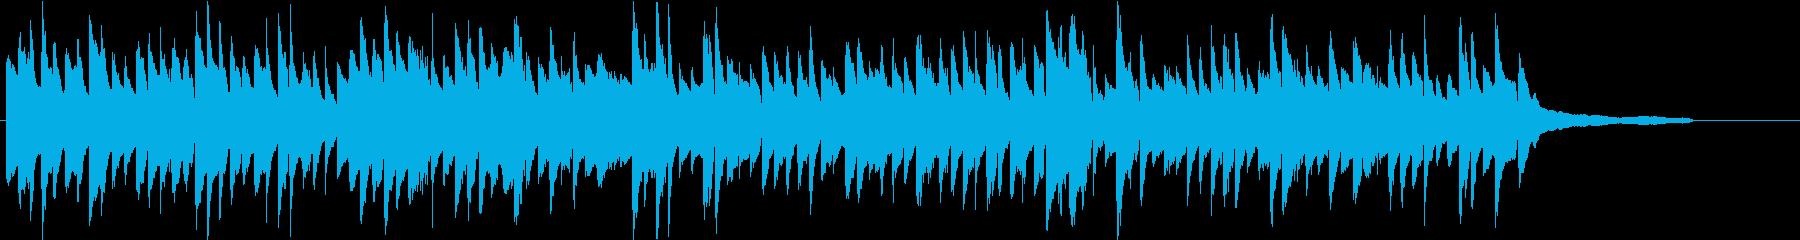 美しい日常のワンシーンピアノソロの再生済みの波形